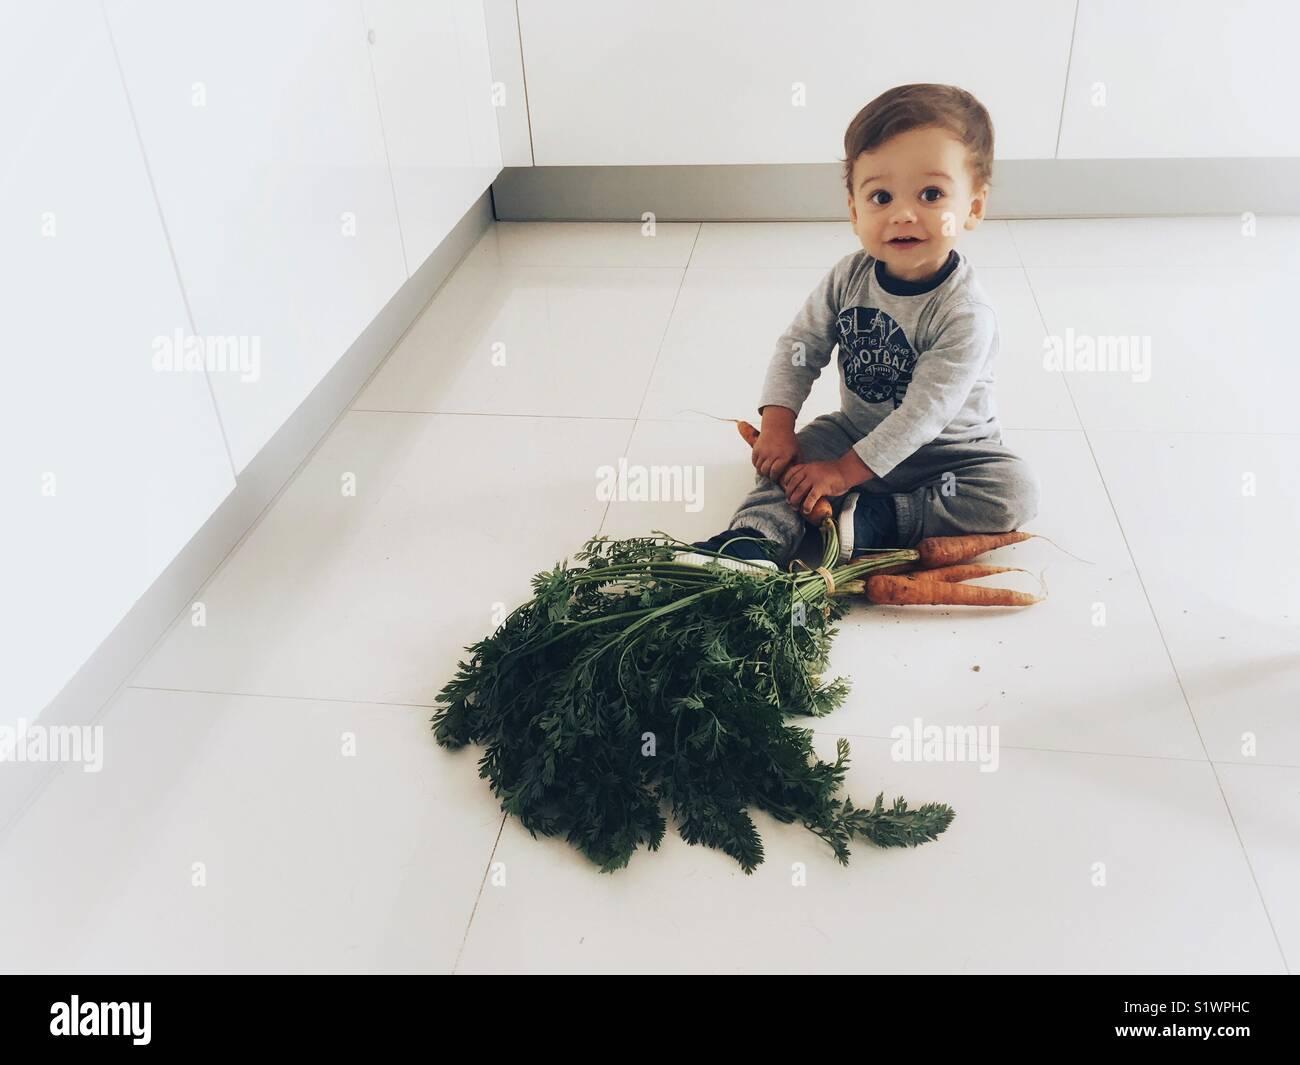 Un bambin découvre les carottes. Photo Stock